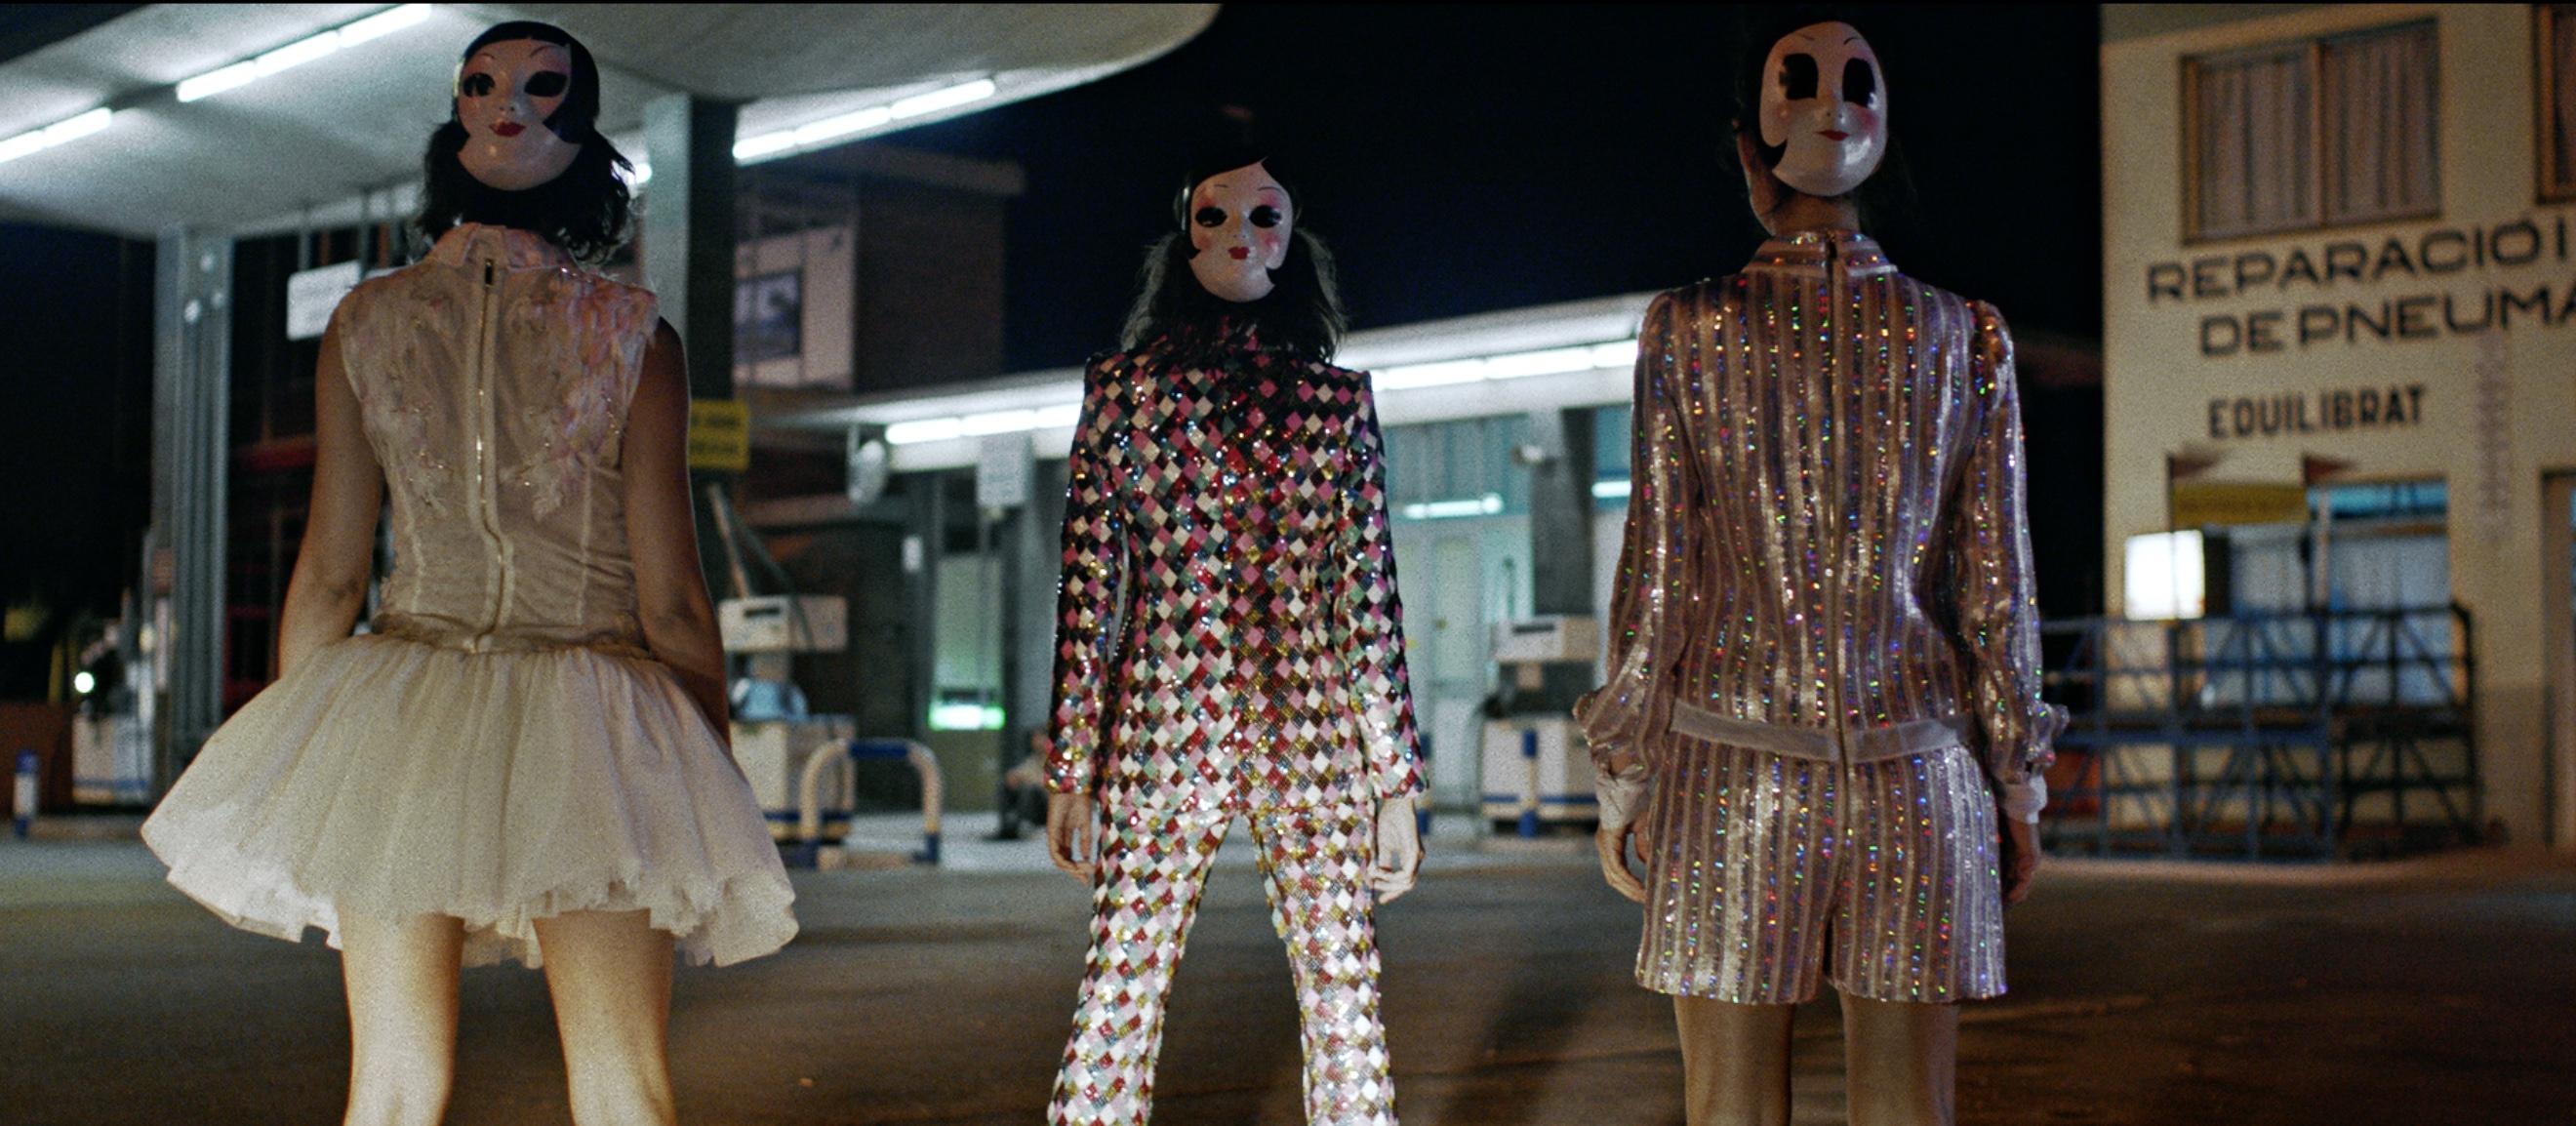 Teresa Helbig lanza un fashion film con Úrsula Corberó que une cine y moda